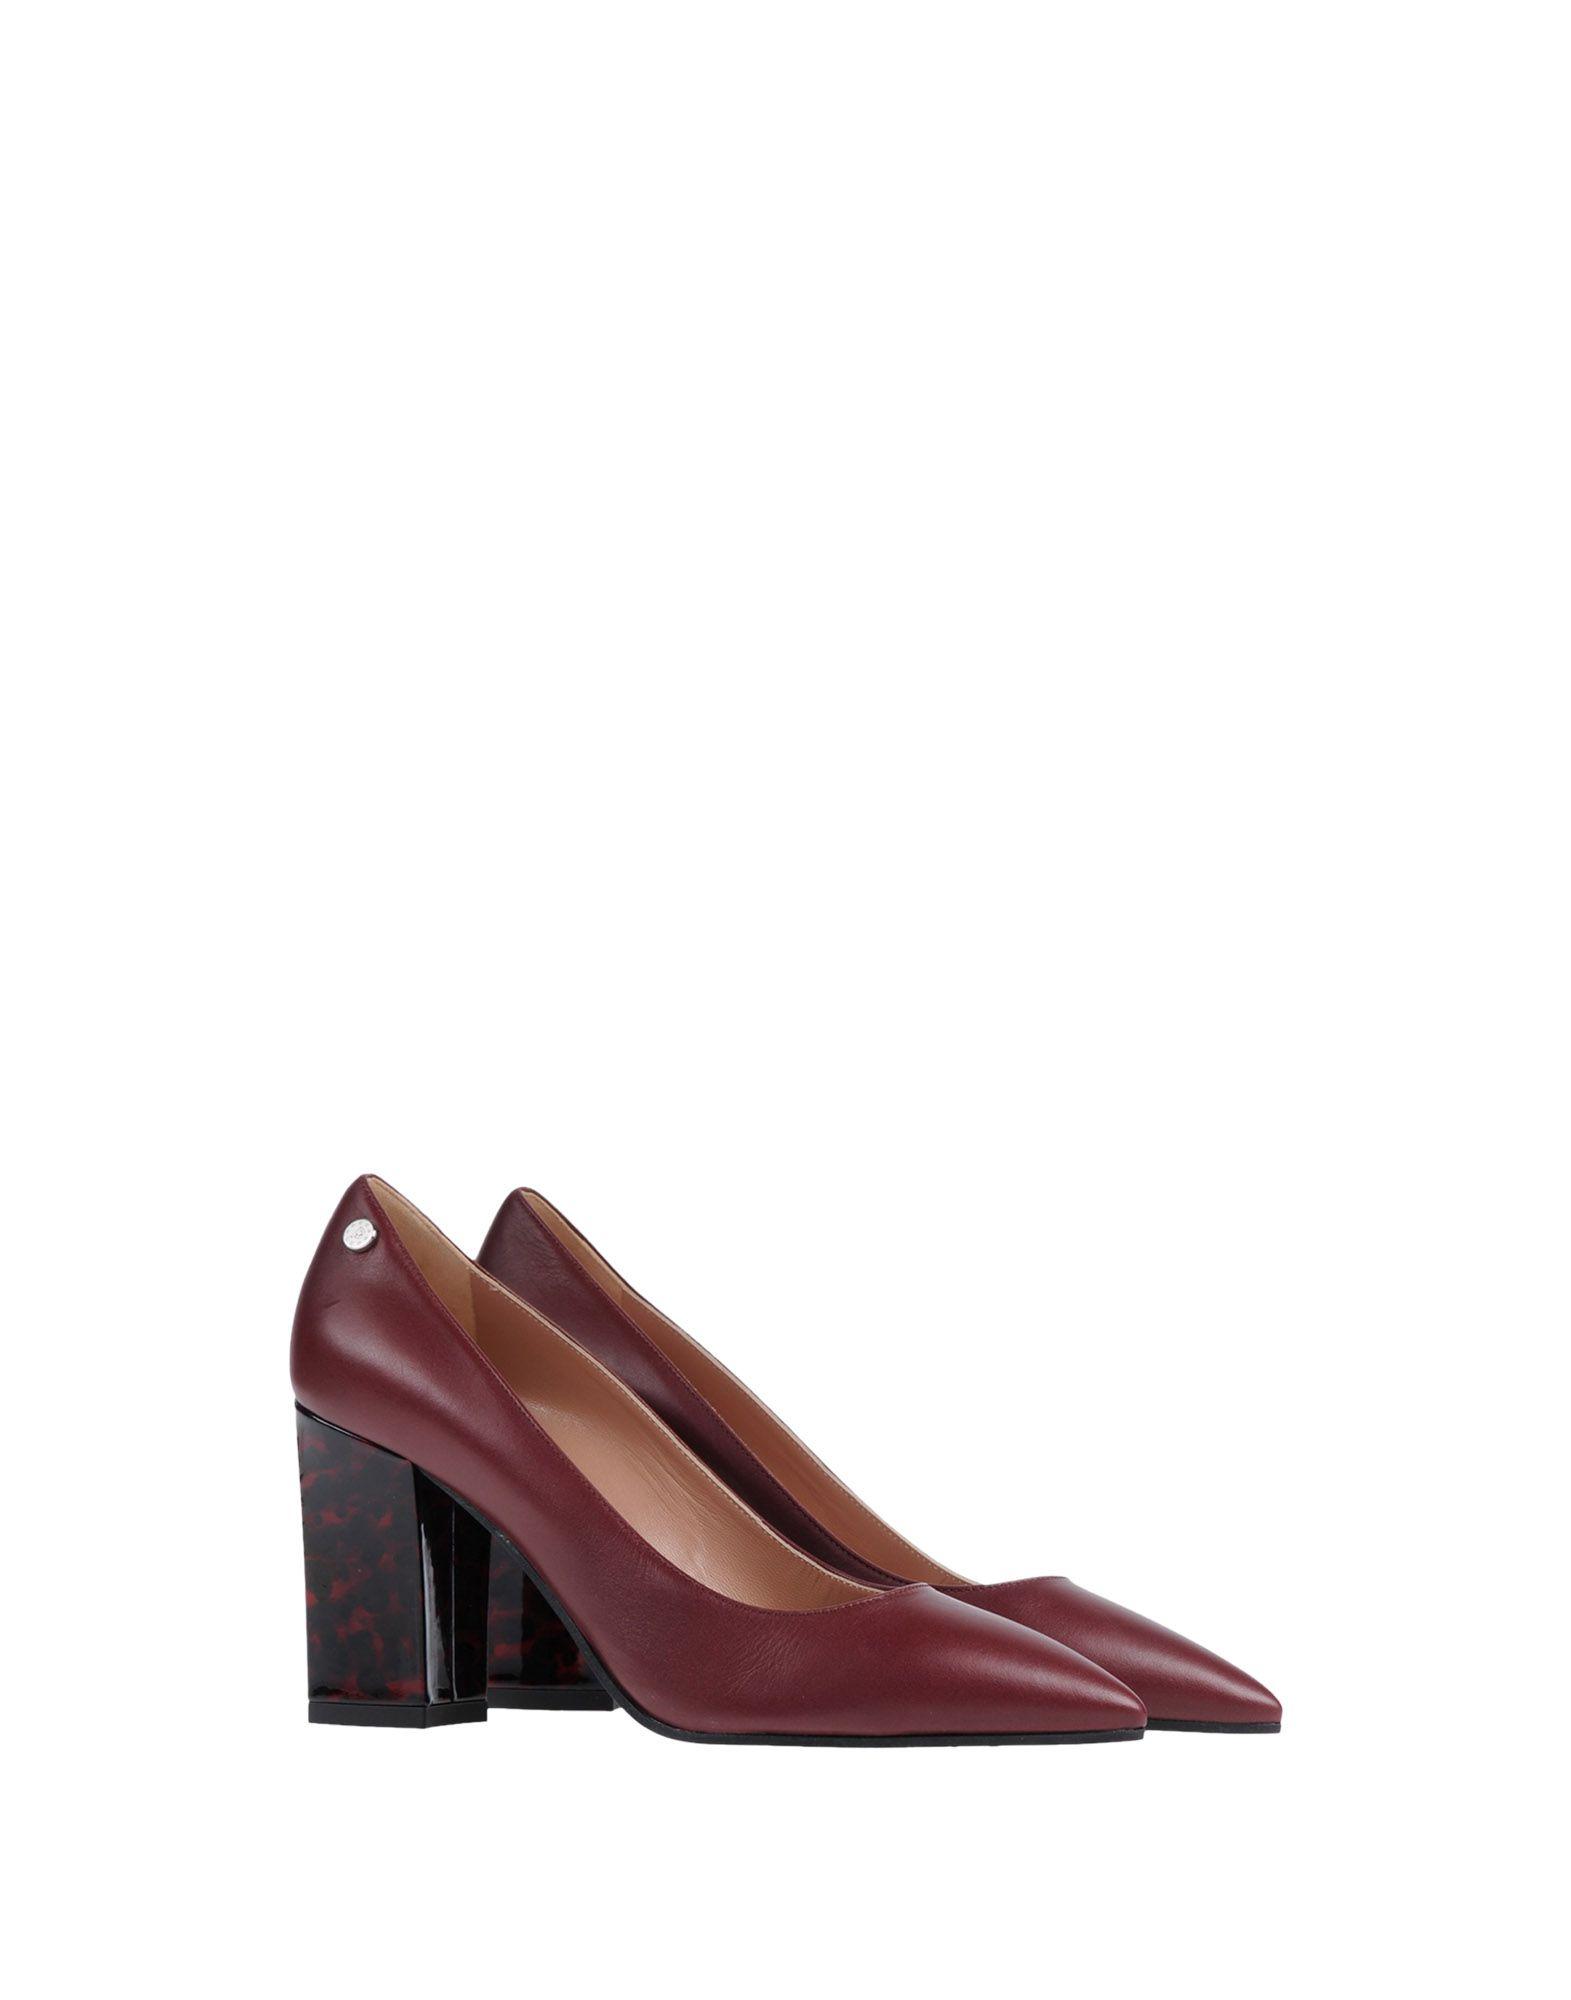 Stilvolle Damen billige Schuhe Pollini Pumps Damen Stilvolle  11448634GP 7d7ad0